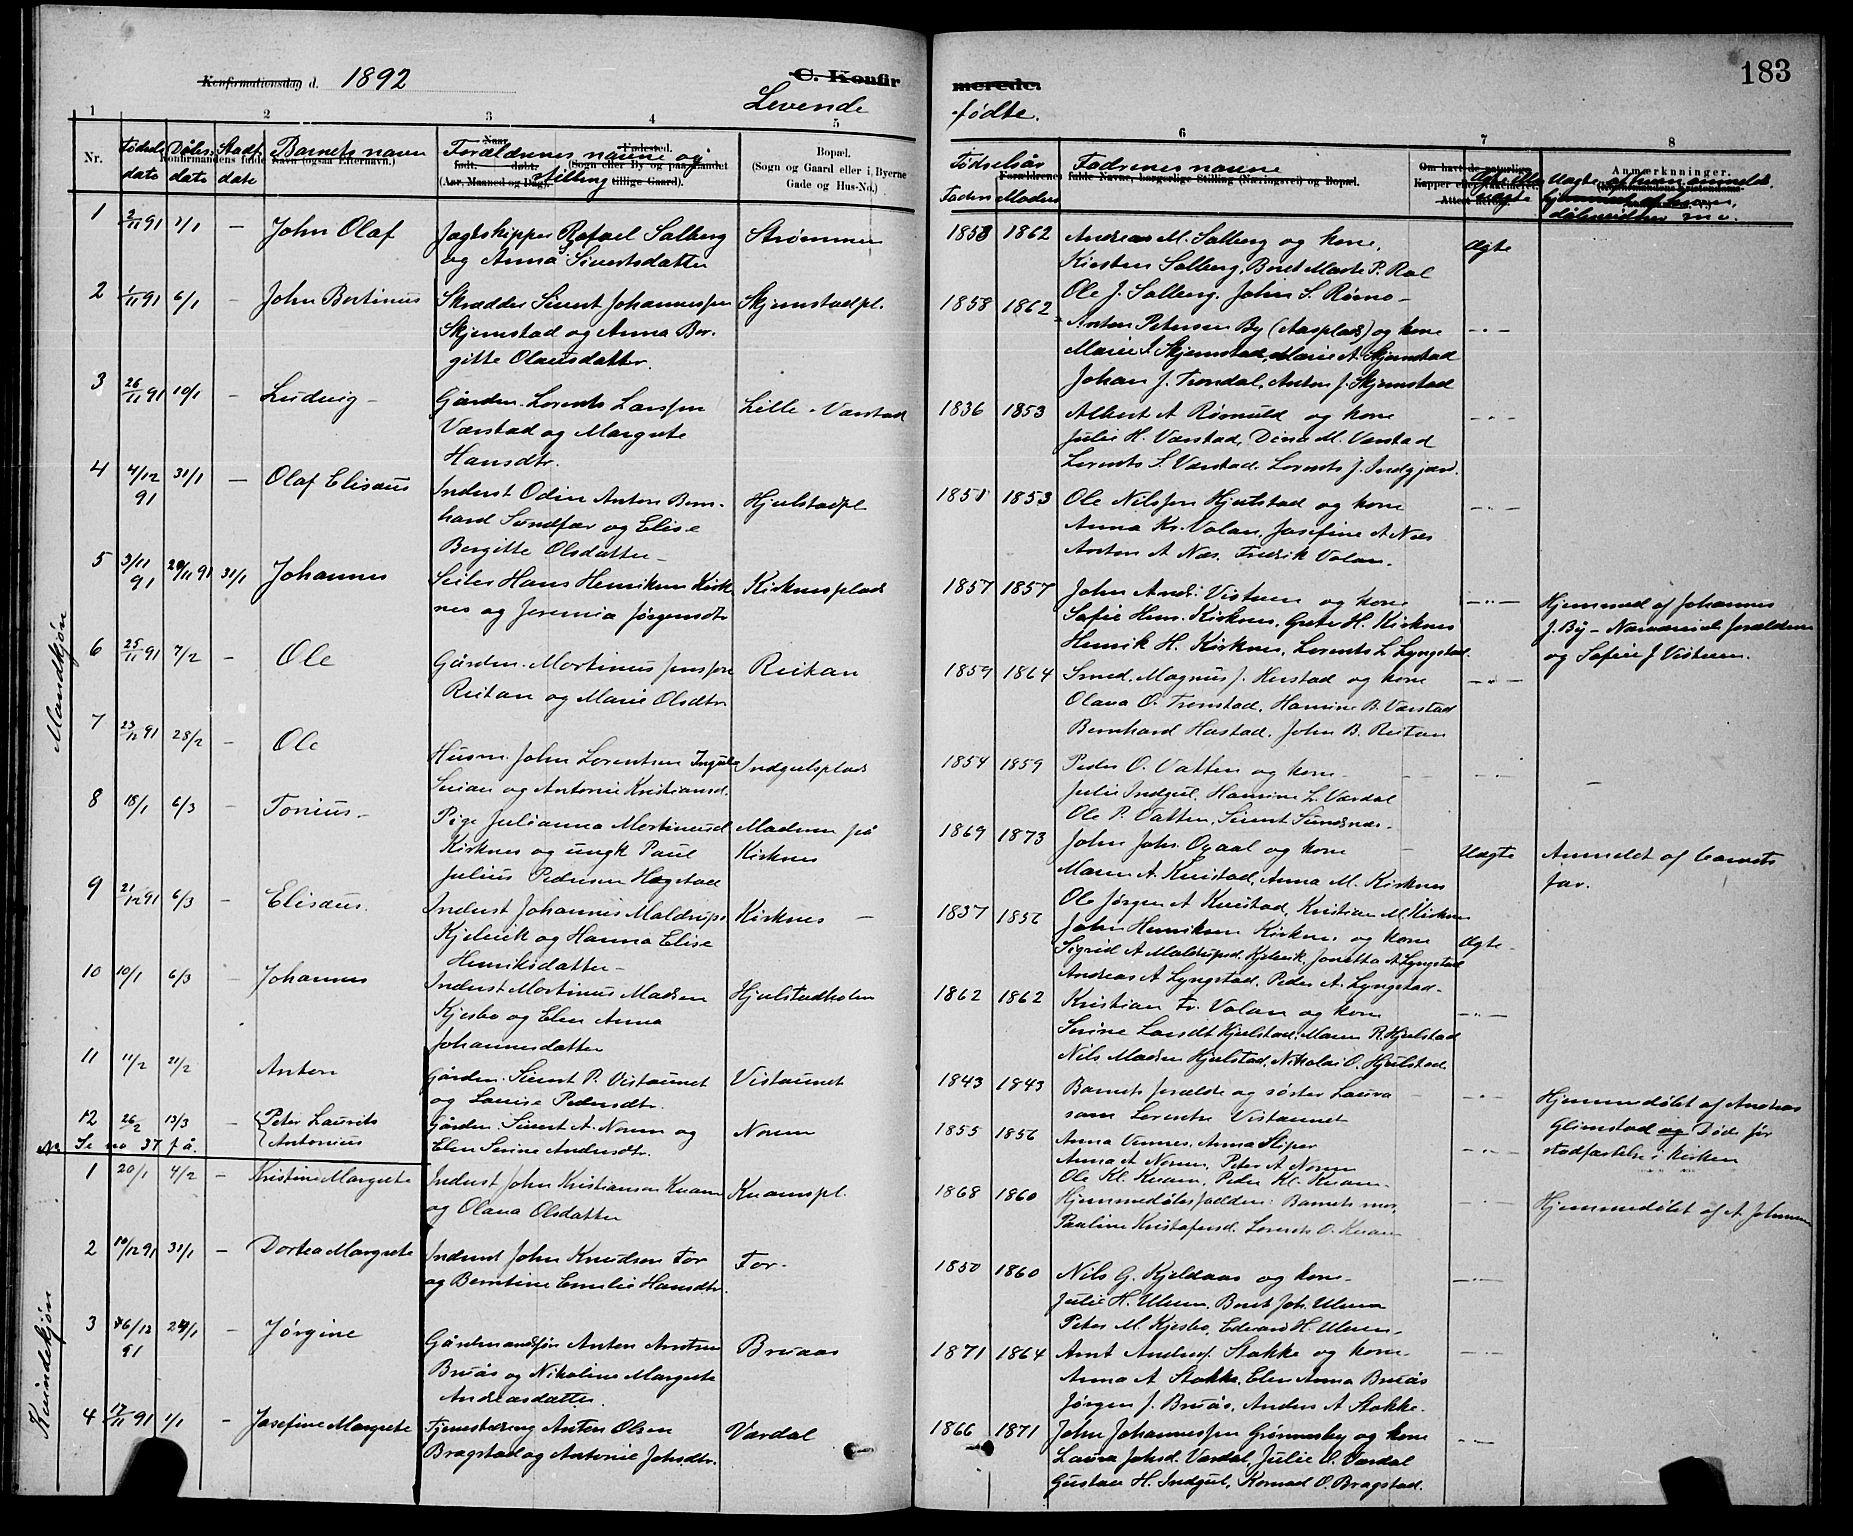 SAT, Ministerialprotokoller, klokkerbøker og fødselsregistre - Nord-Trøndelag, 730/L0301: Klokkerbok nr. 730C04, 1880-1897, s. 183